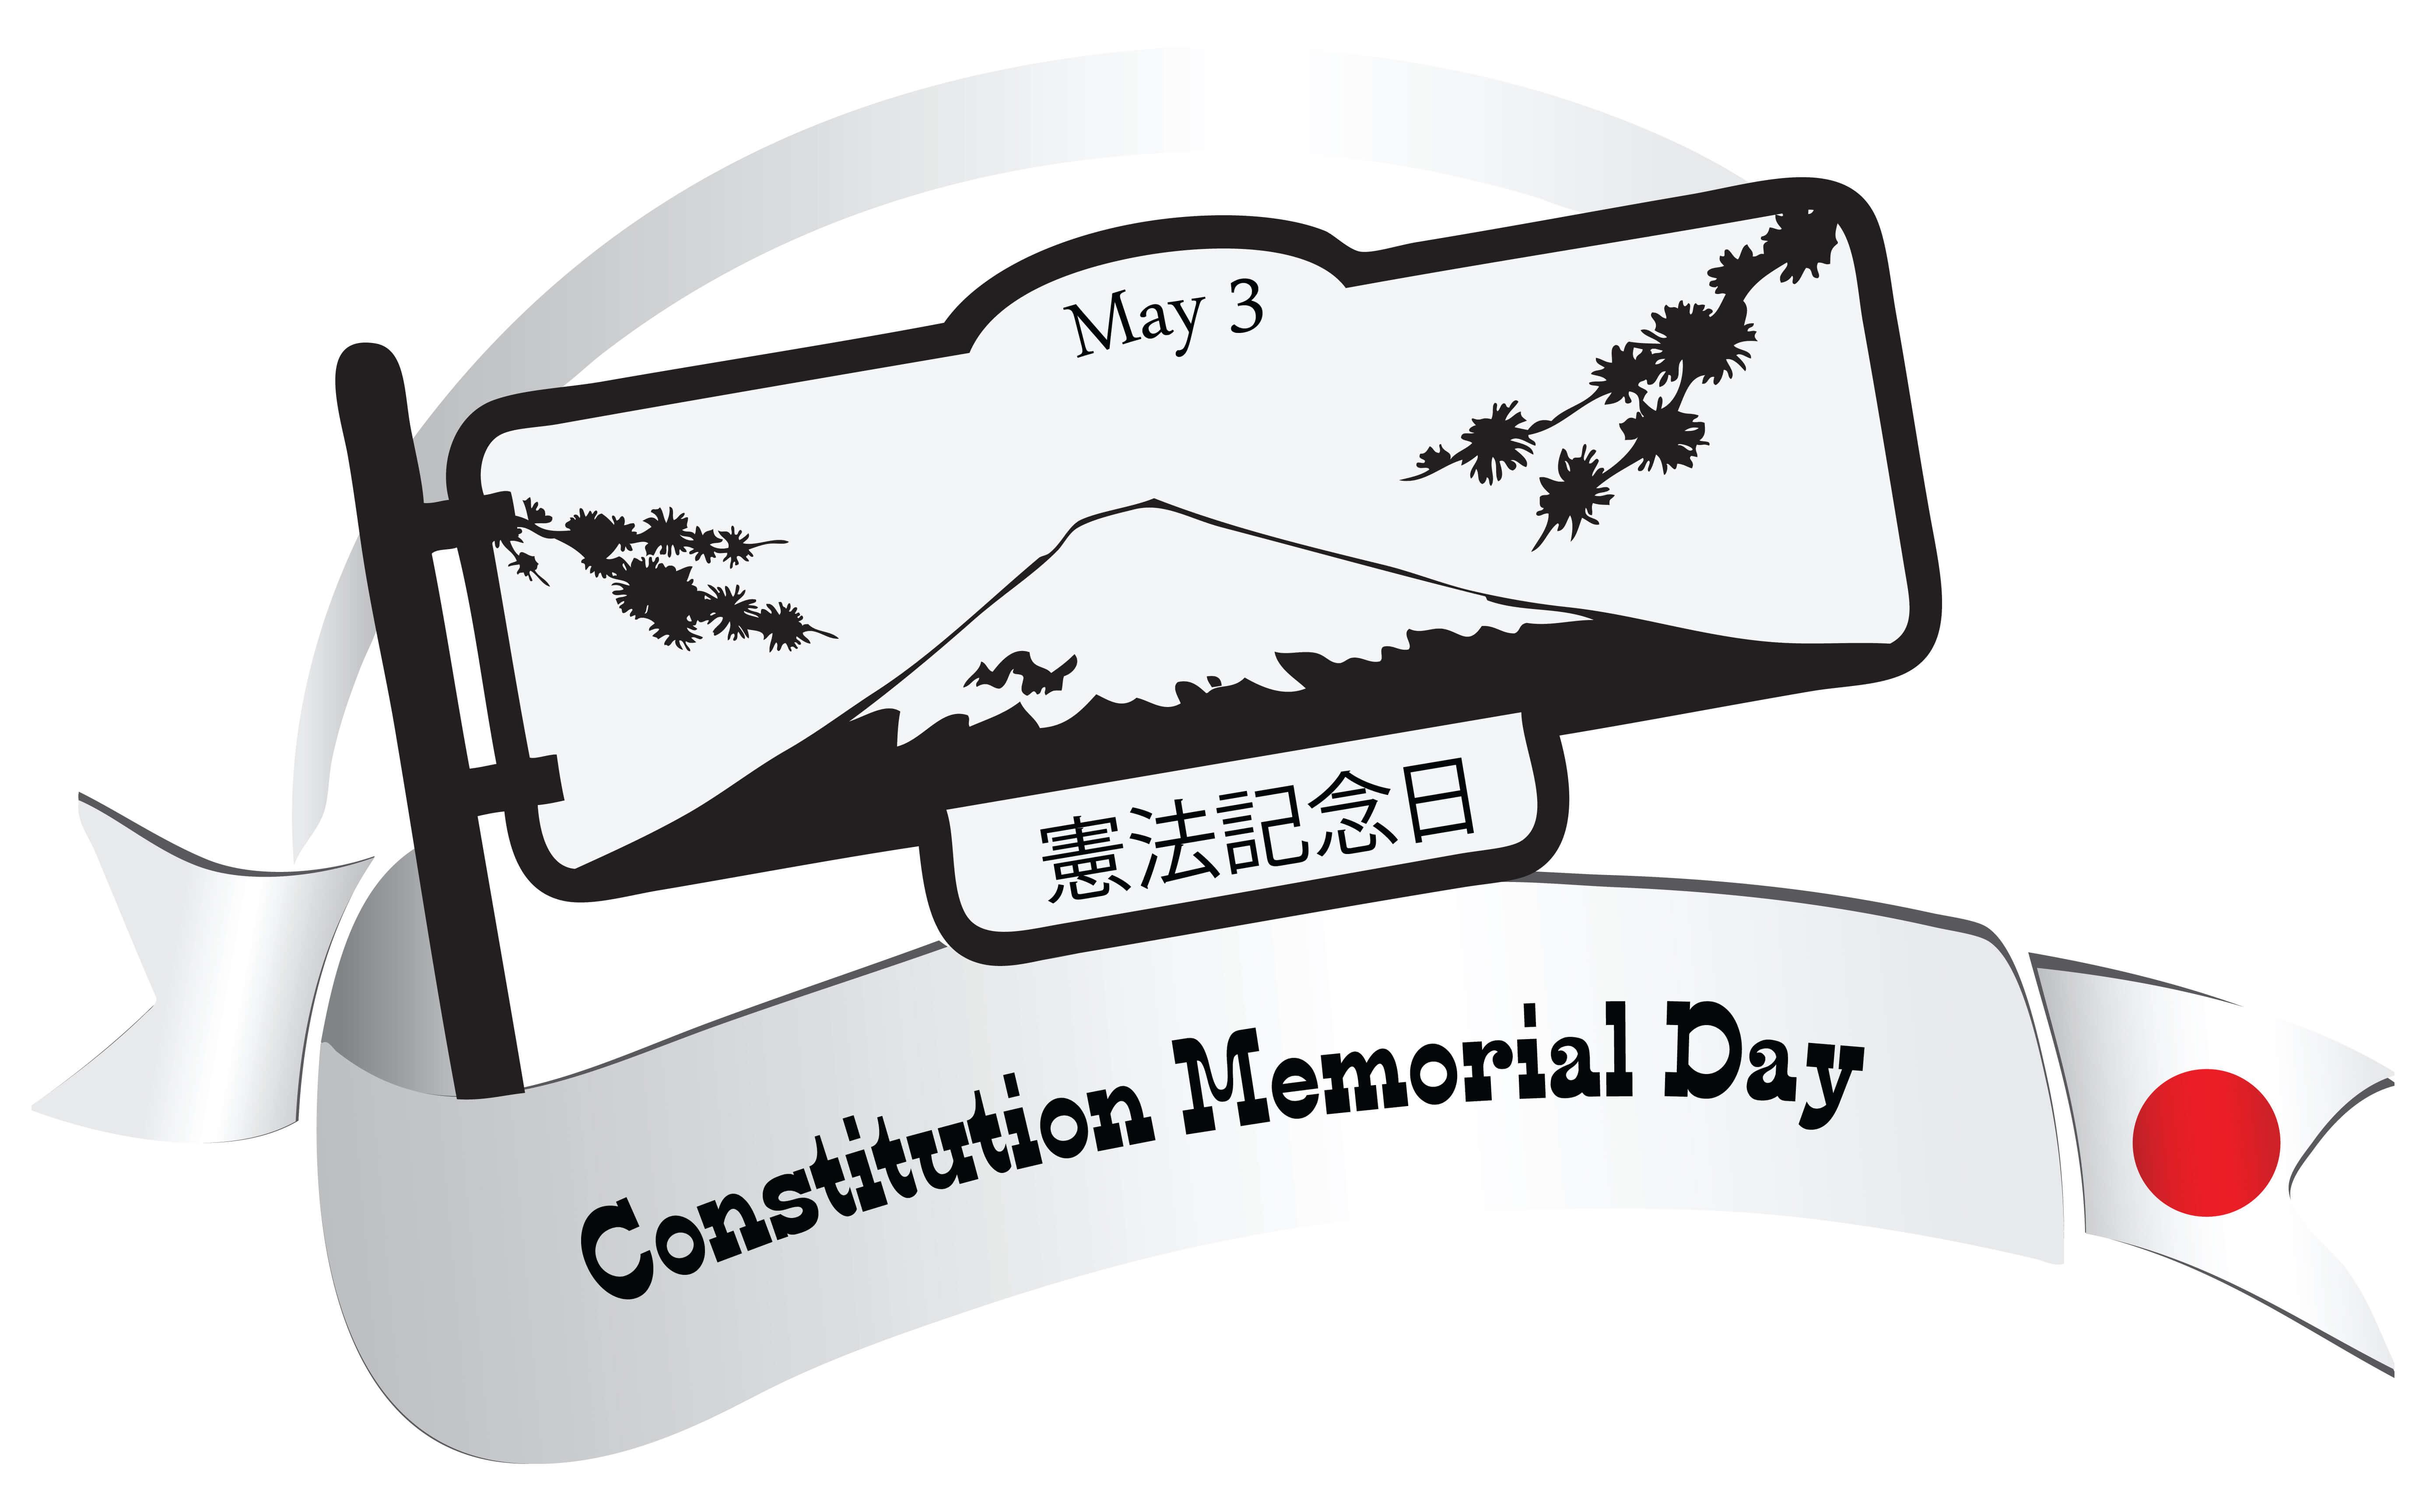 憲法 記念 日